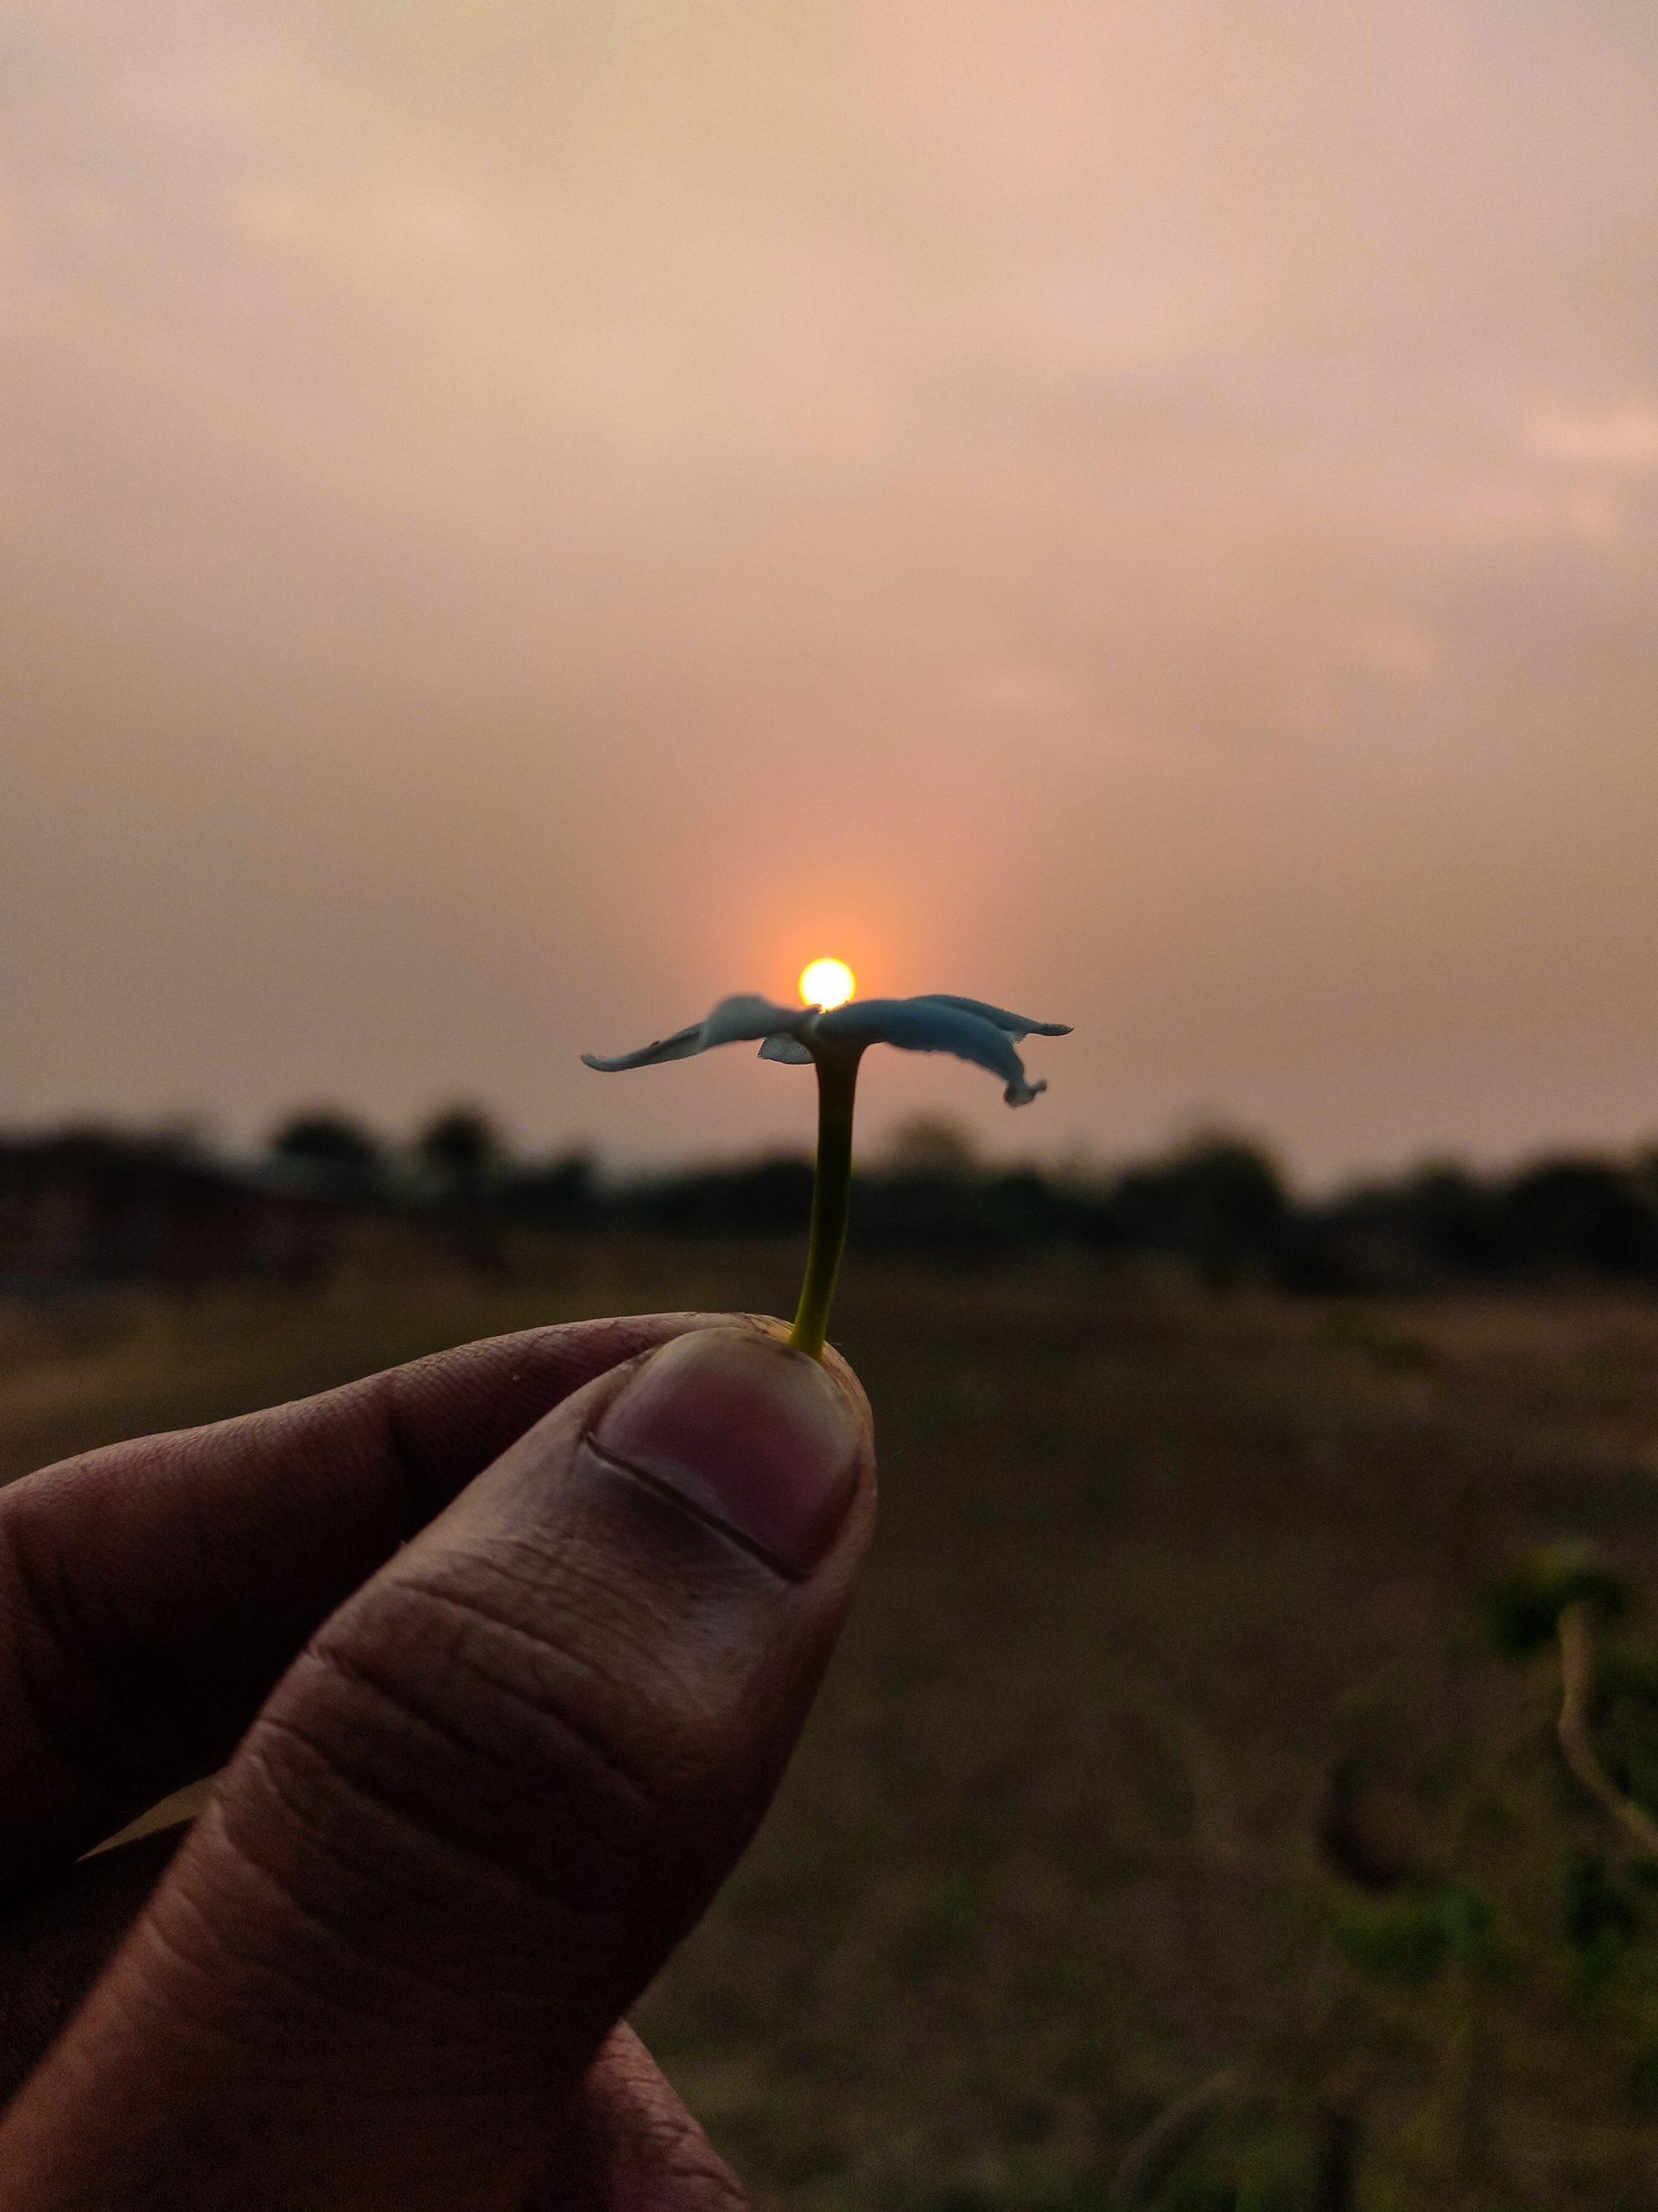 Sun on a flower